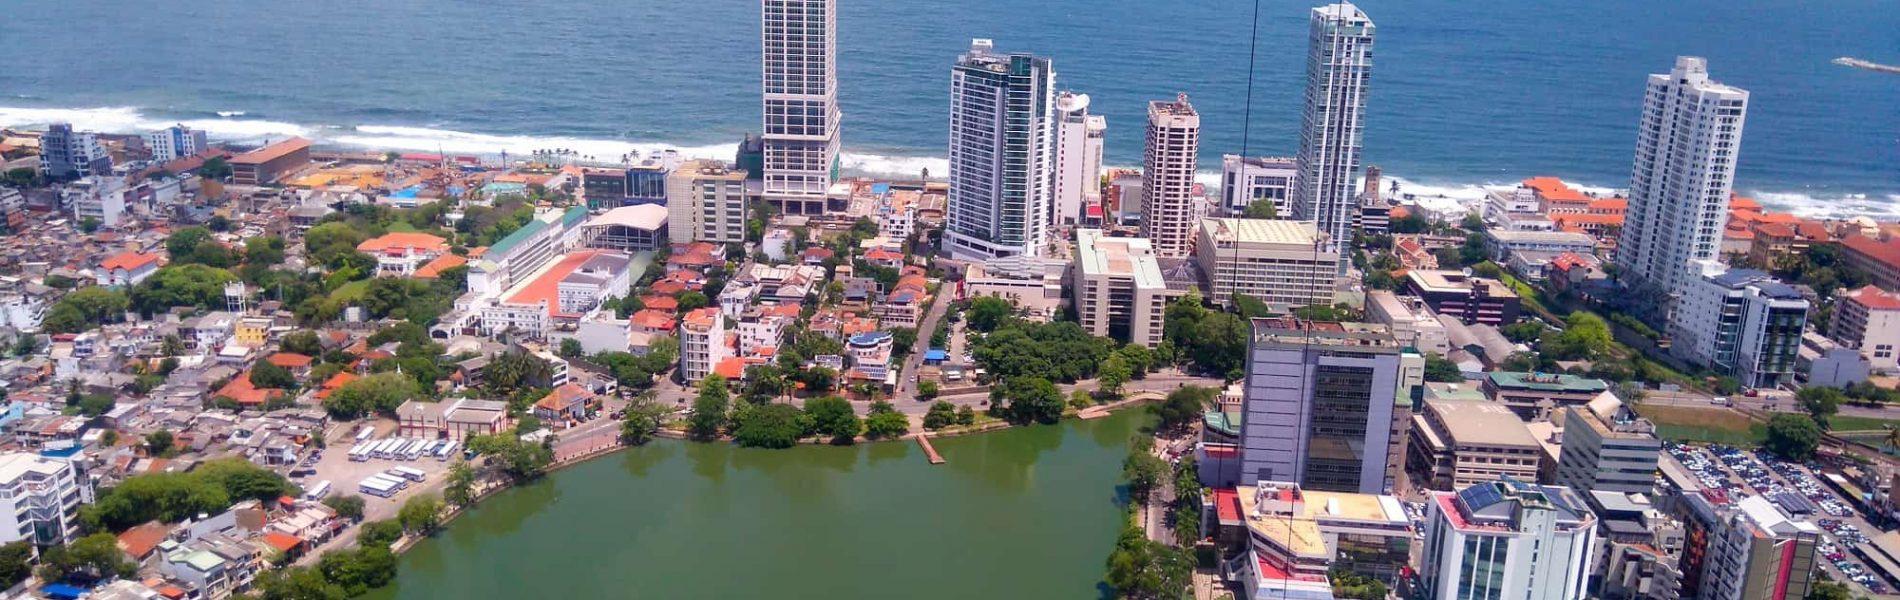 תתחילו להכיר: חמש ערים שצפויות לשנות את העולם (לטוב ולרע)